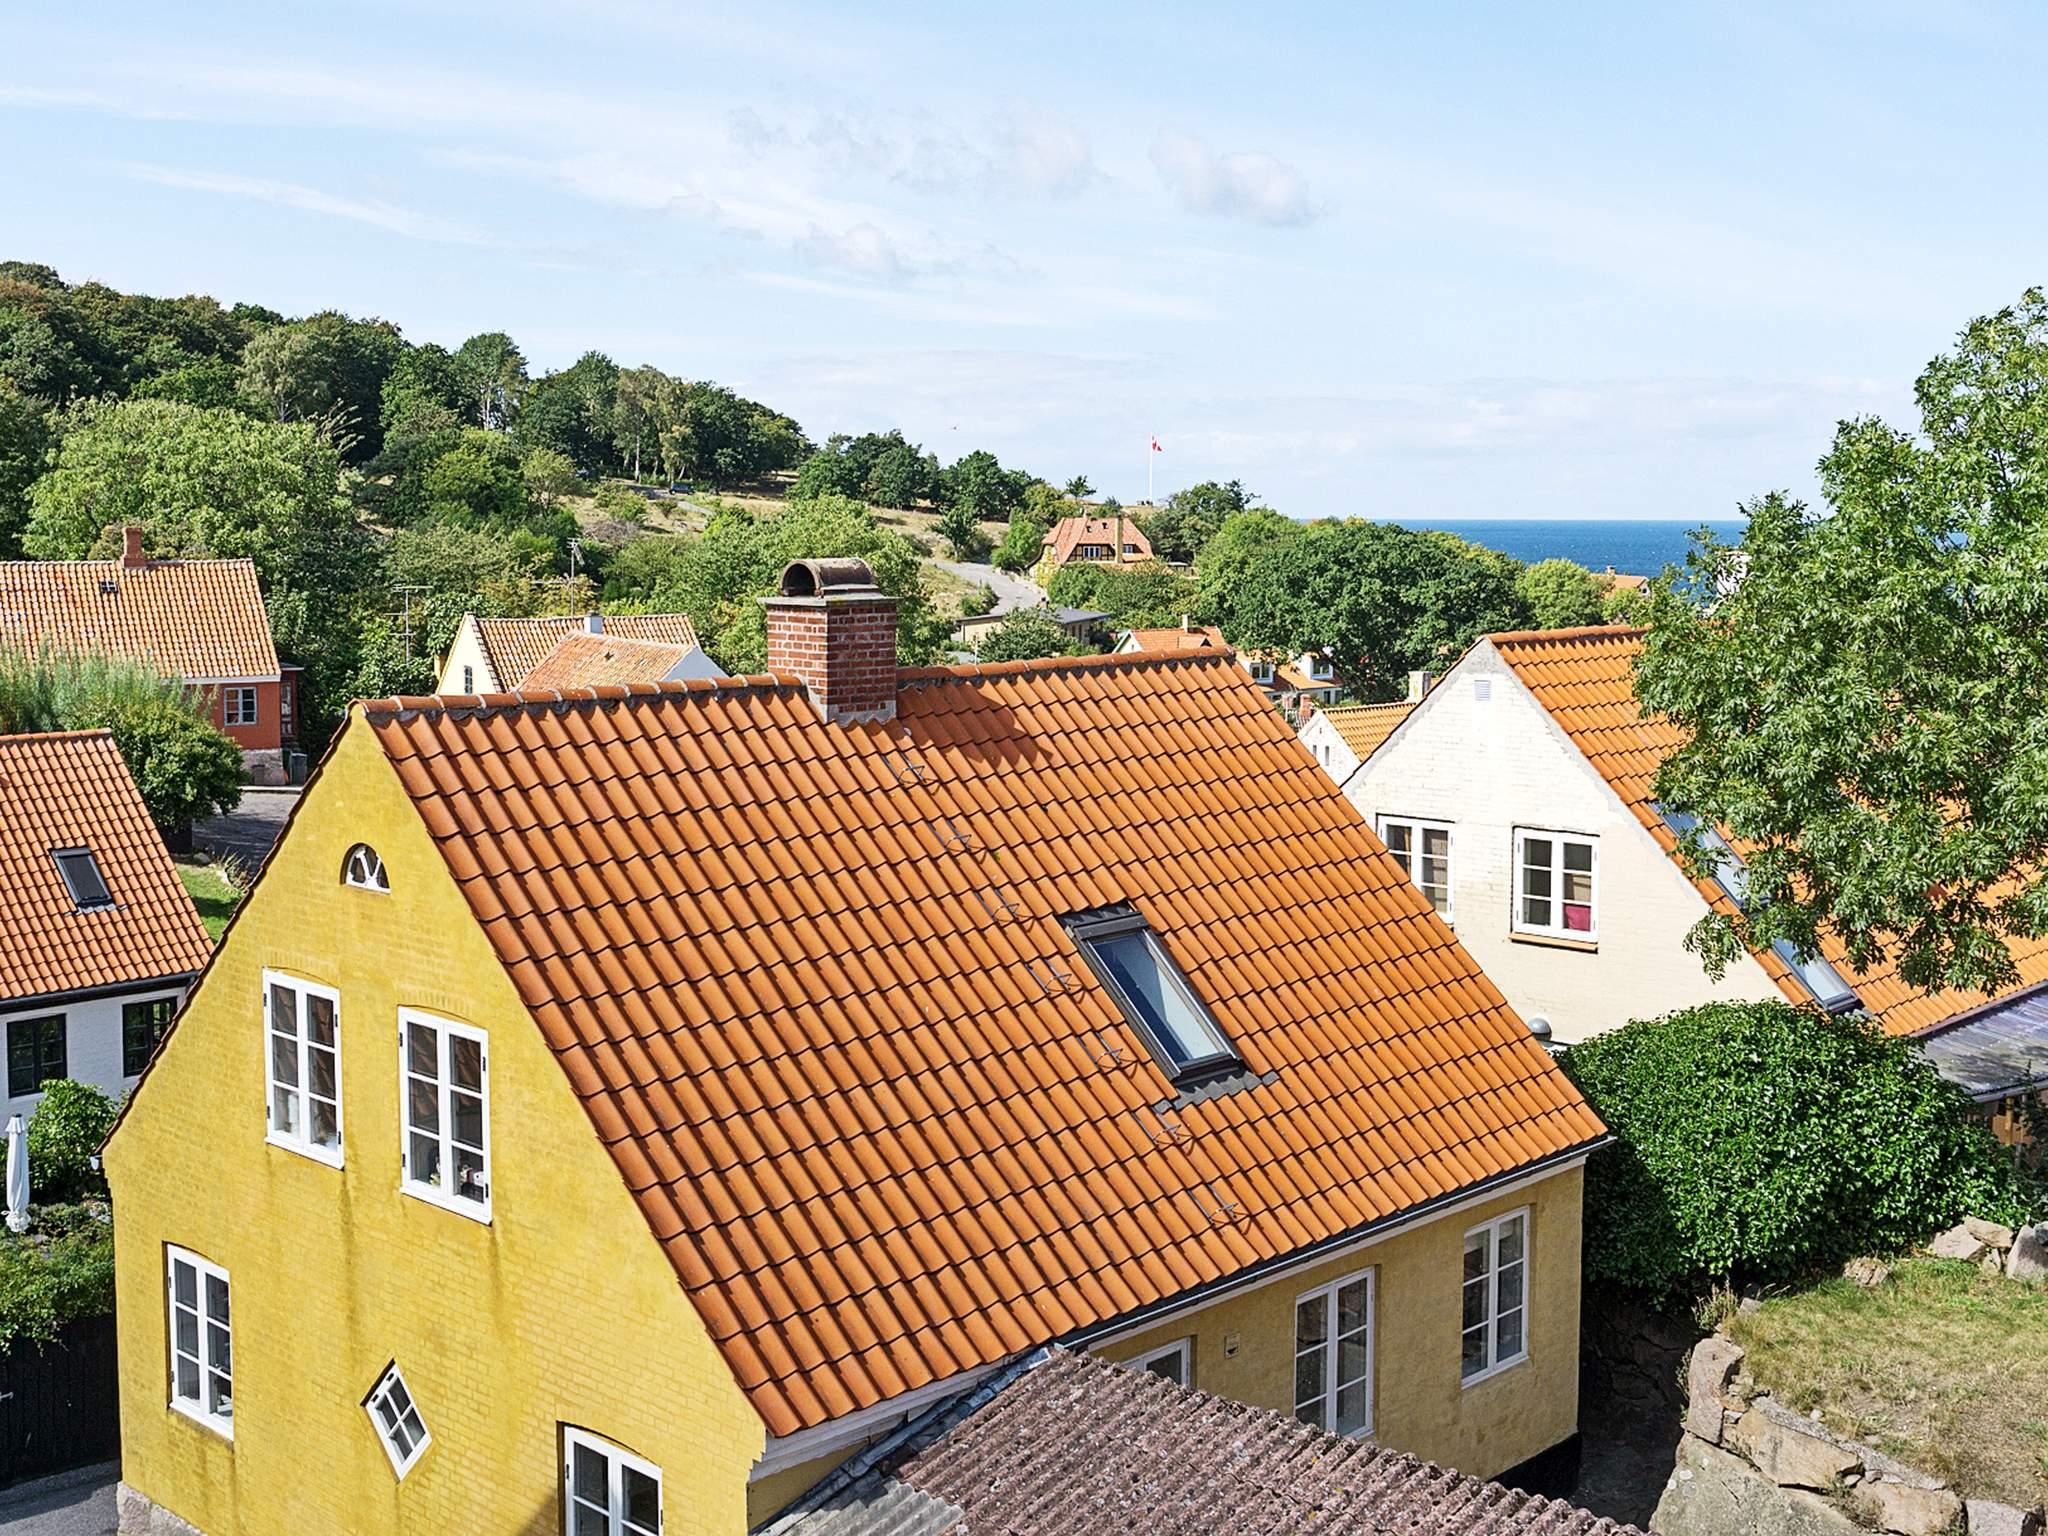 Ferienhaus Gudhjem (385016), Gudhjem, , Bornholm, Dänemark, Bild 18